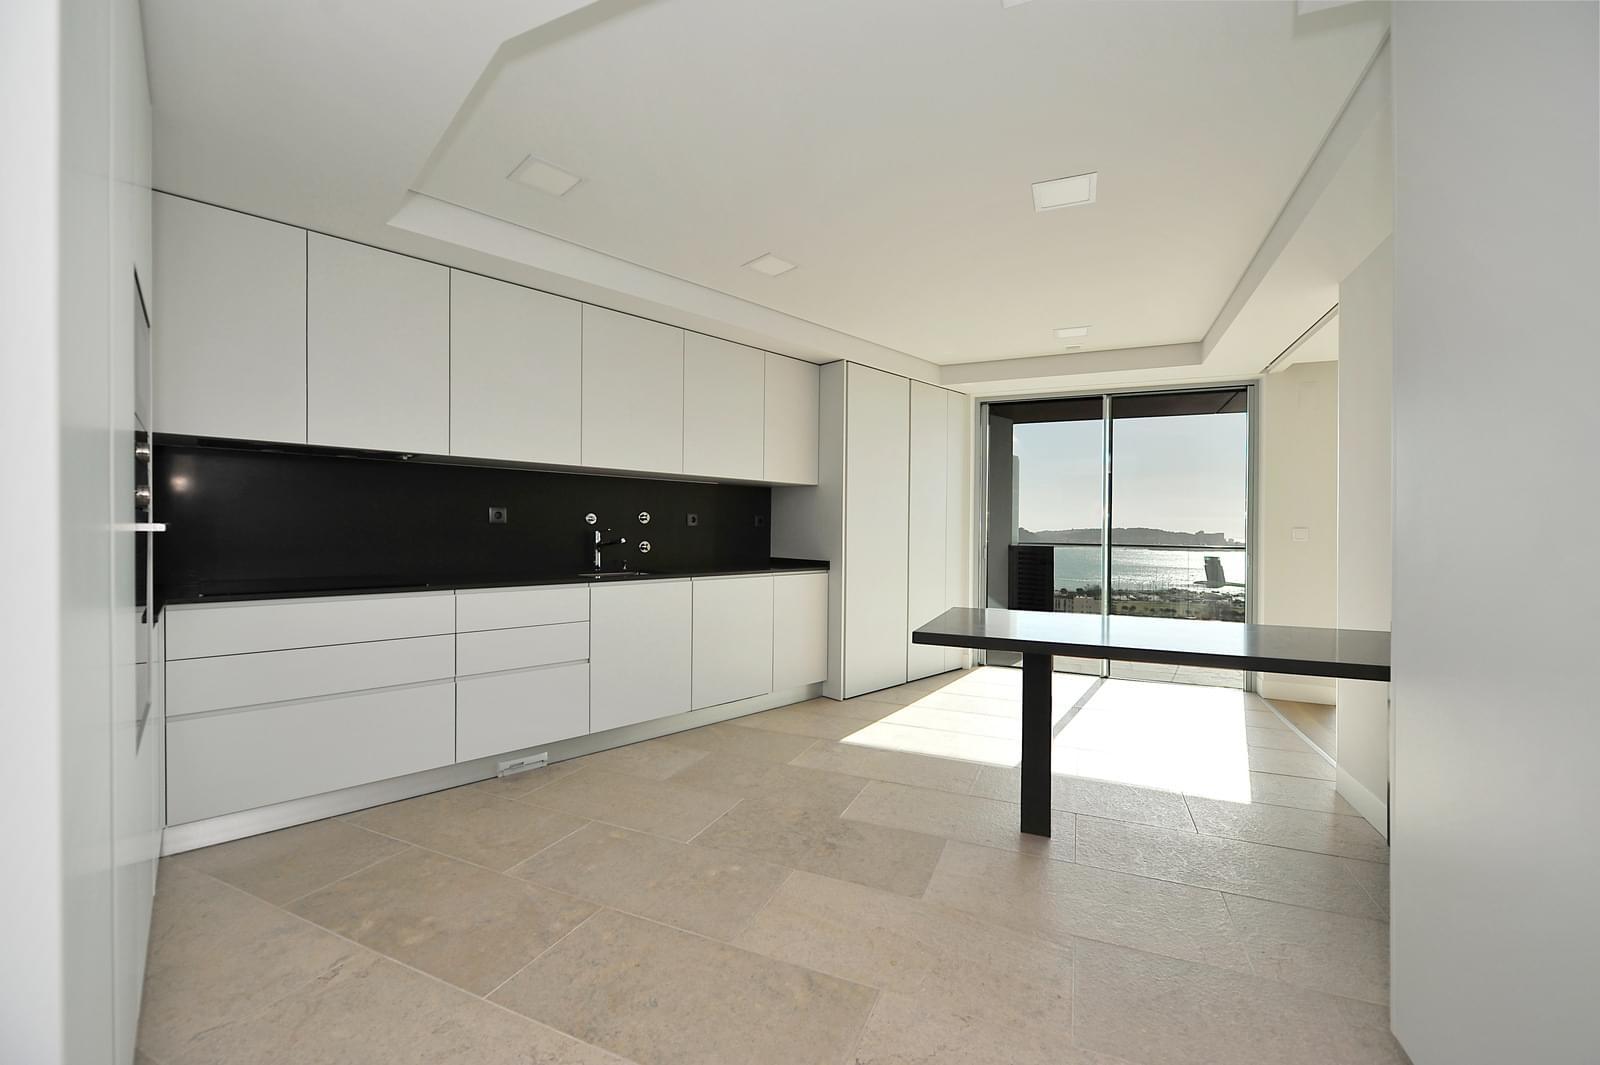 pf18989-apartamento-t4-oeiras-e62eeb03-73bb-4fd1-a4f0-ea7bf81f59b0